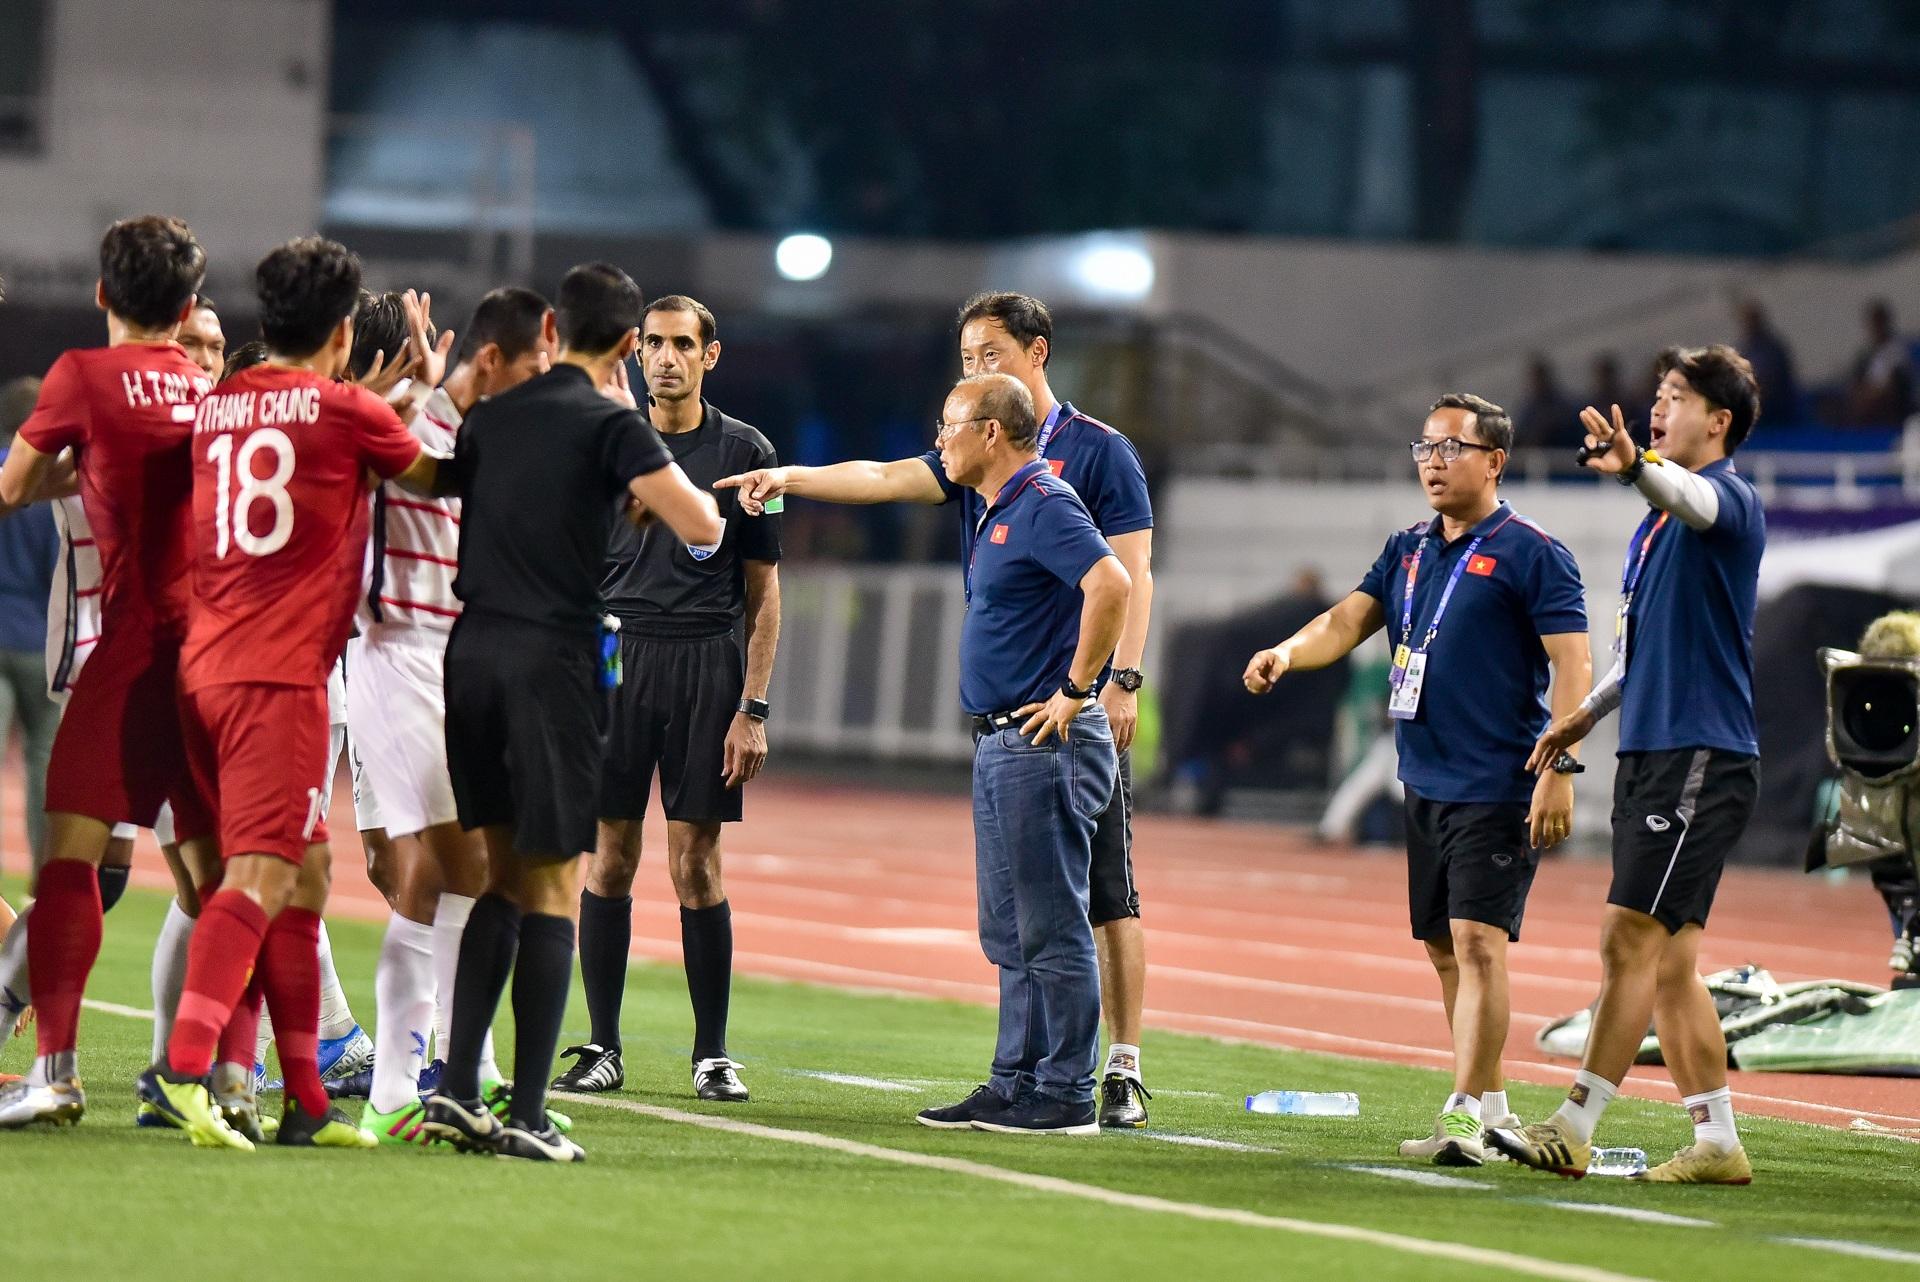 Những cảm xúc đặc biệt của HLV Park Hang Seo trong trận thắng U22 Campuchia - 19